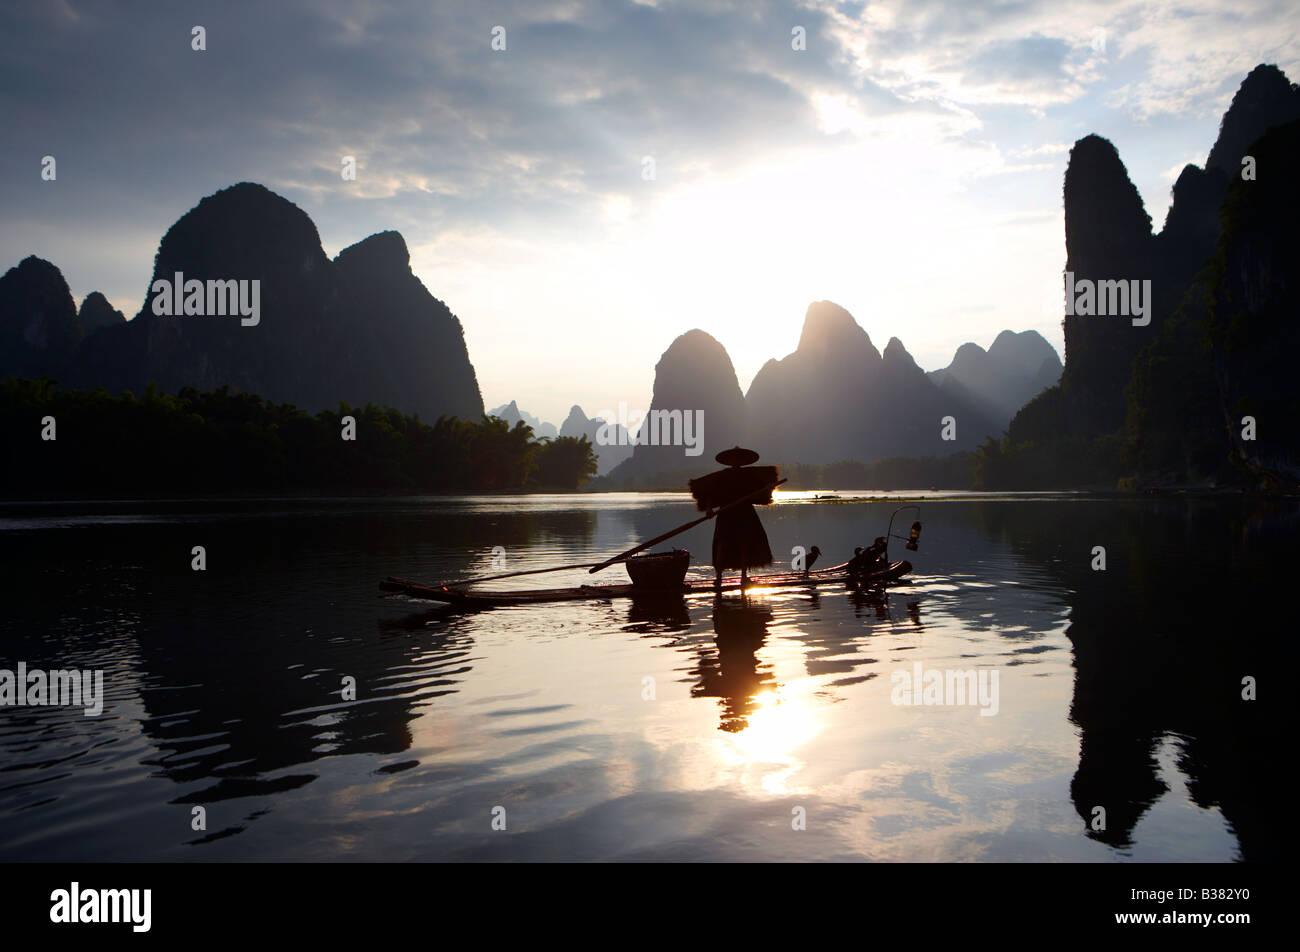 Cormorano pescatore di Lijang Fiume Li Xingping Guilin provincia Cina modello di rilascio 701 Immagini Stock